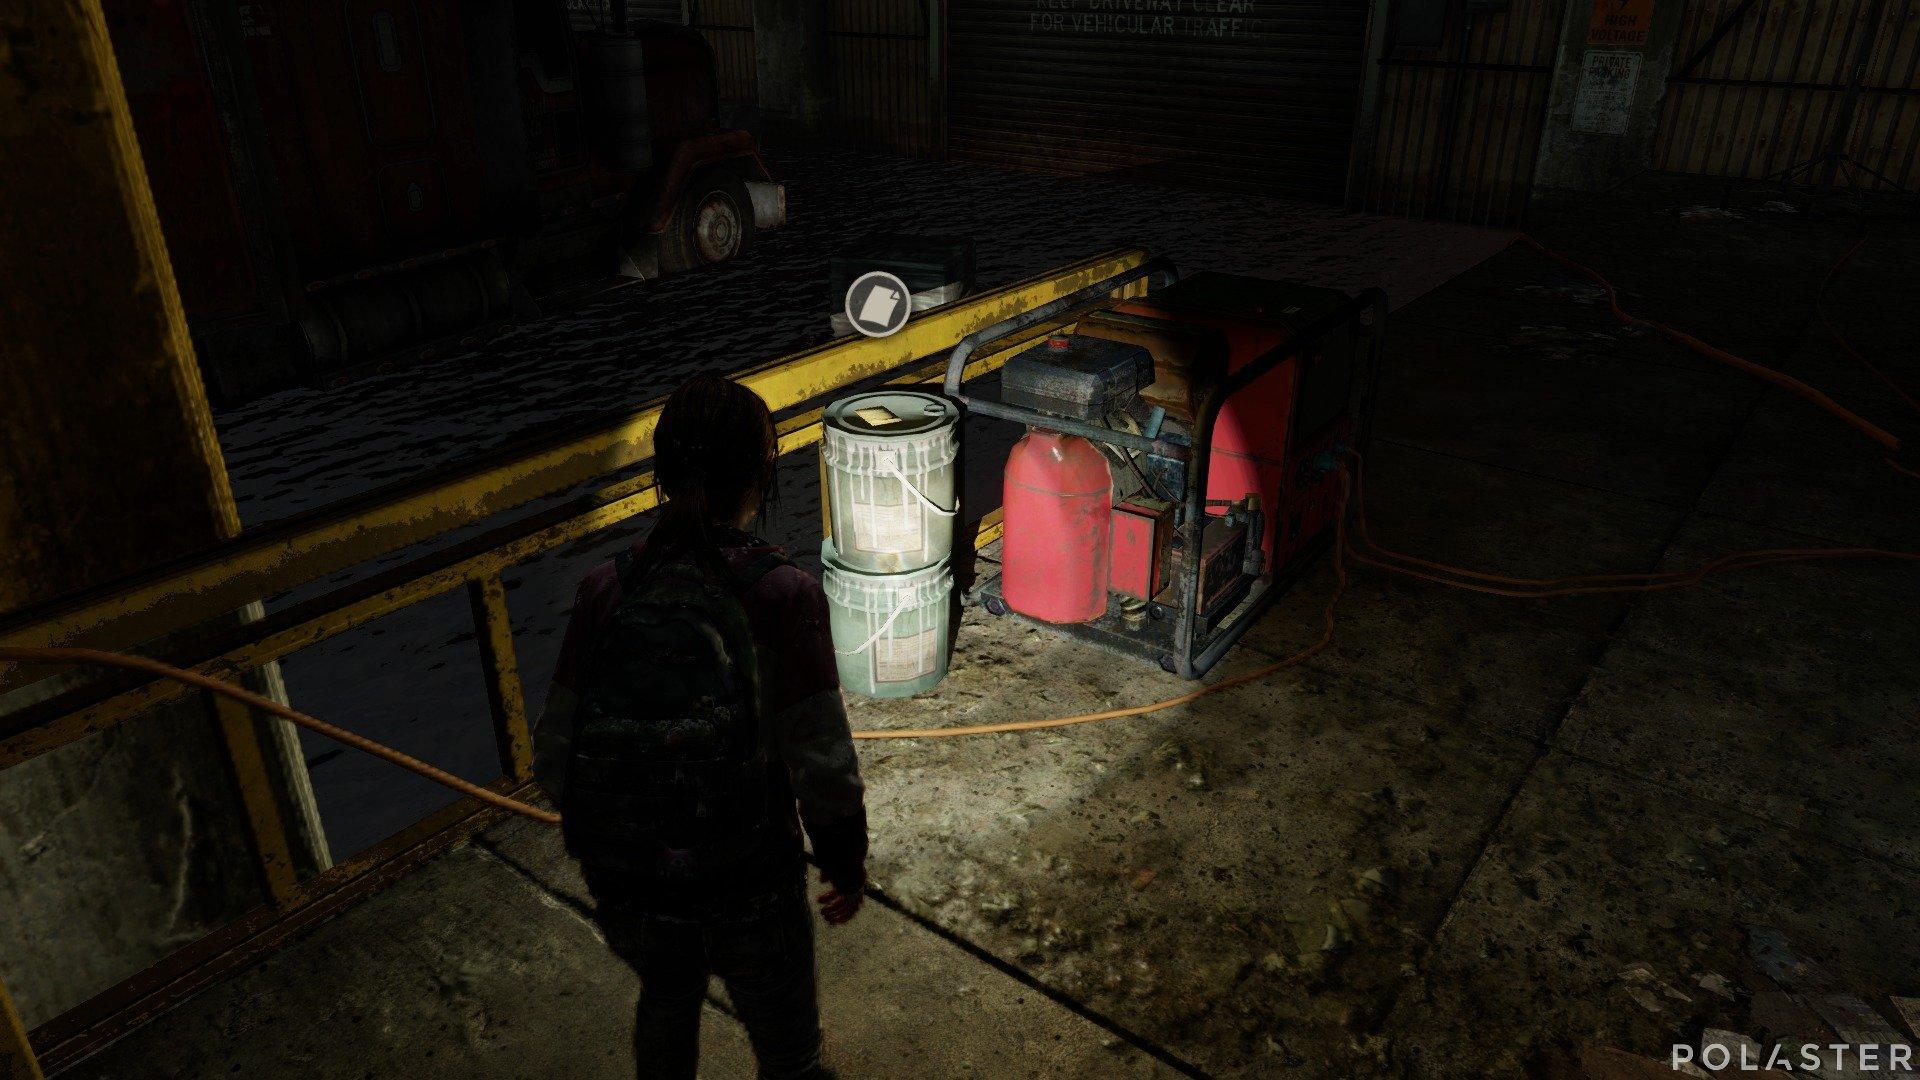 The Last of Us DLC Left Behind Artefacto Nota del generador